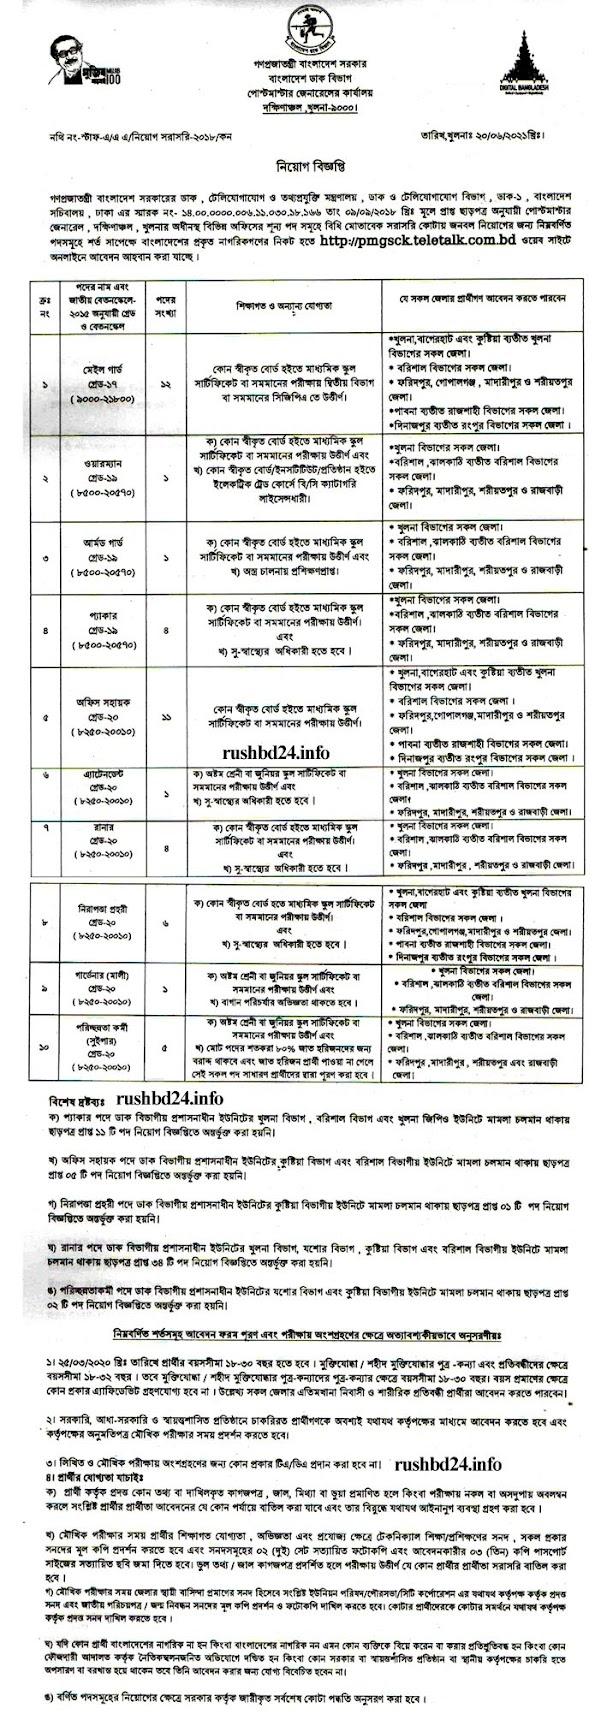 ডাক বিভাগে নিয়োগ বিজ্ঞপ্তি ২০২১ (SSC পাশে) । Bangladesh Dak Bivag Job Circular 2021। ডাক ও টেলিযোগাযোগ মন্ত্রণালয় নিয়োগ 2021